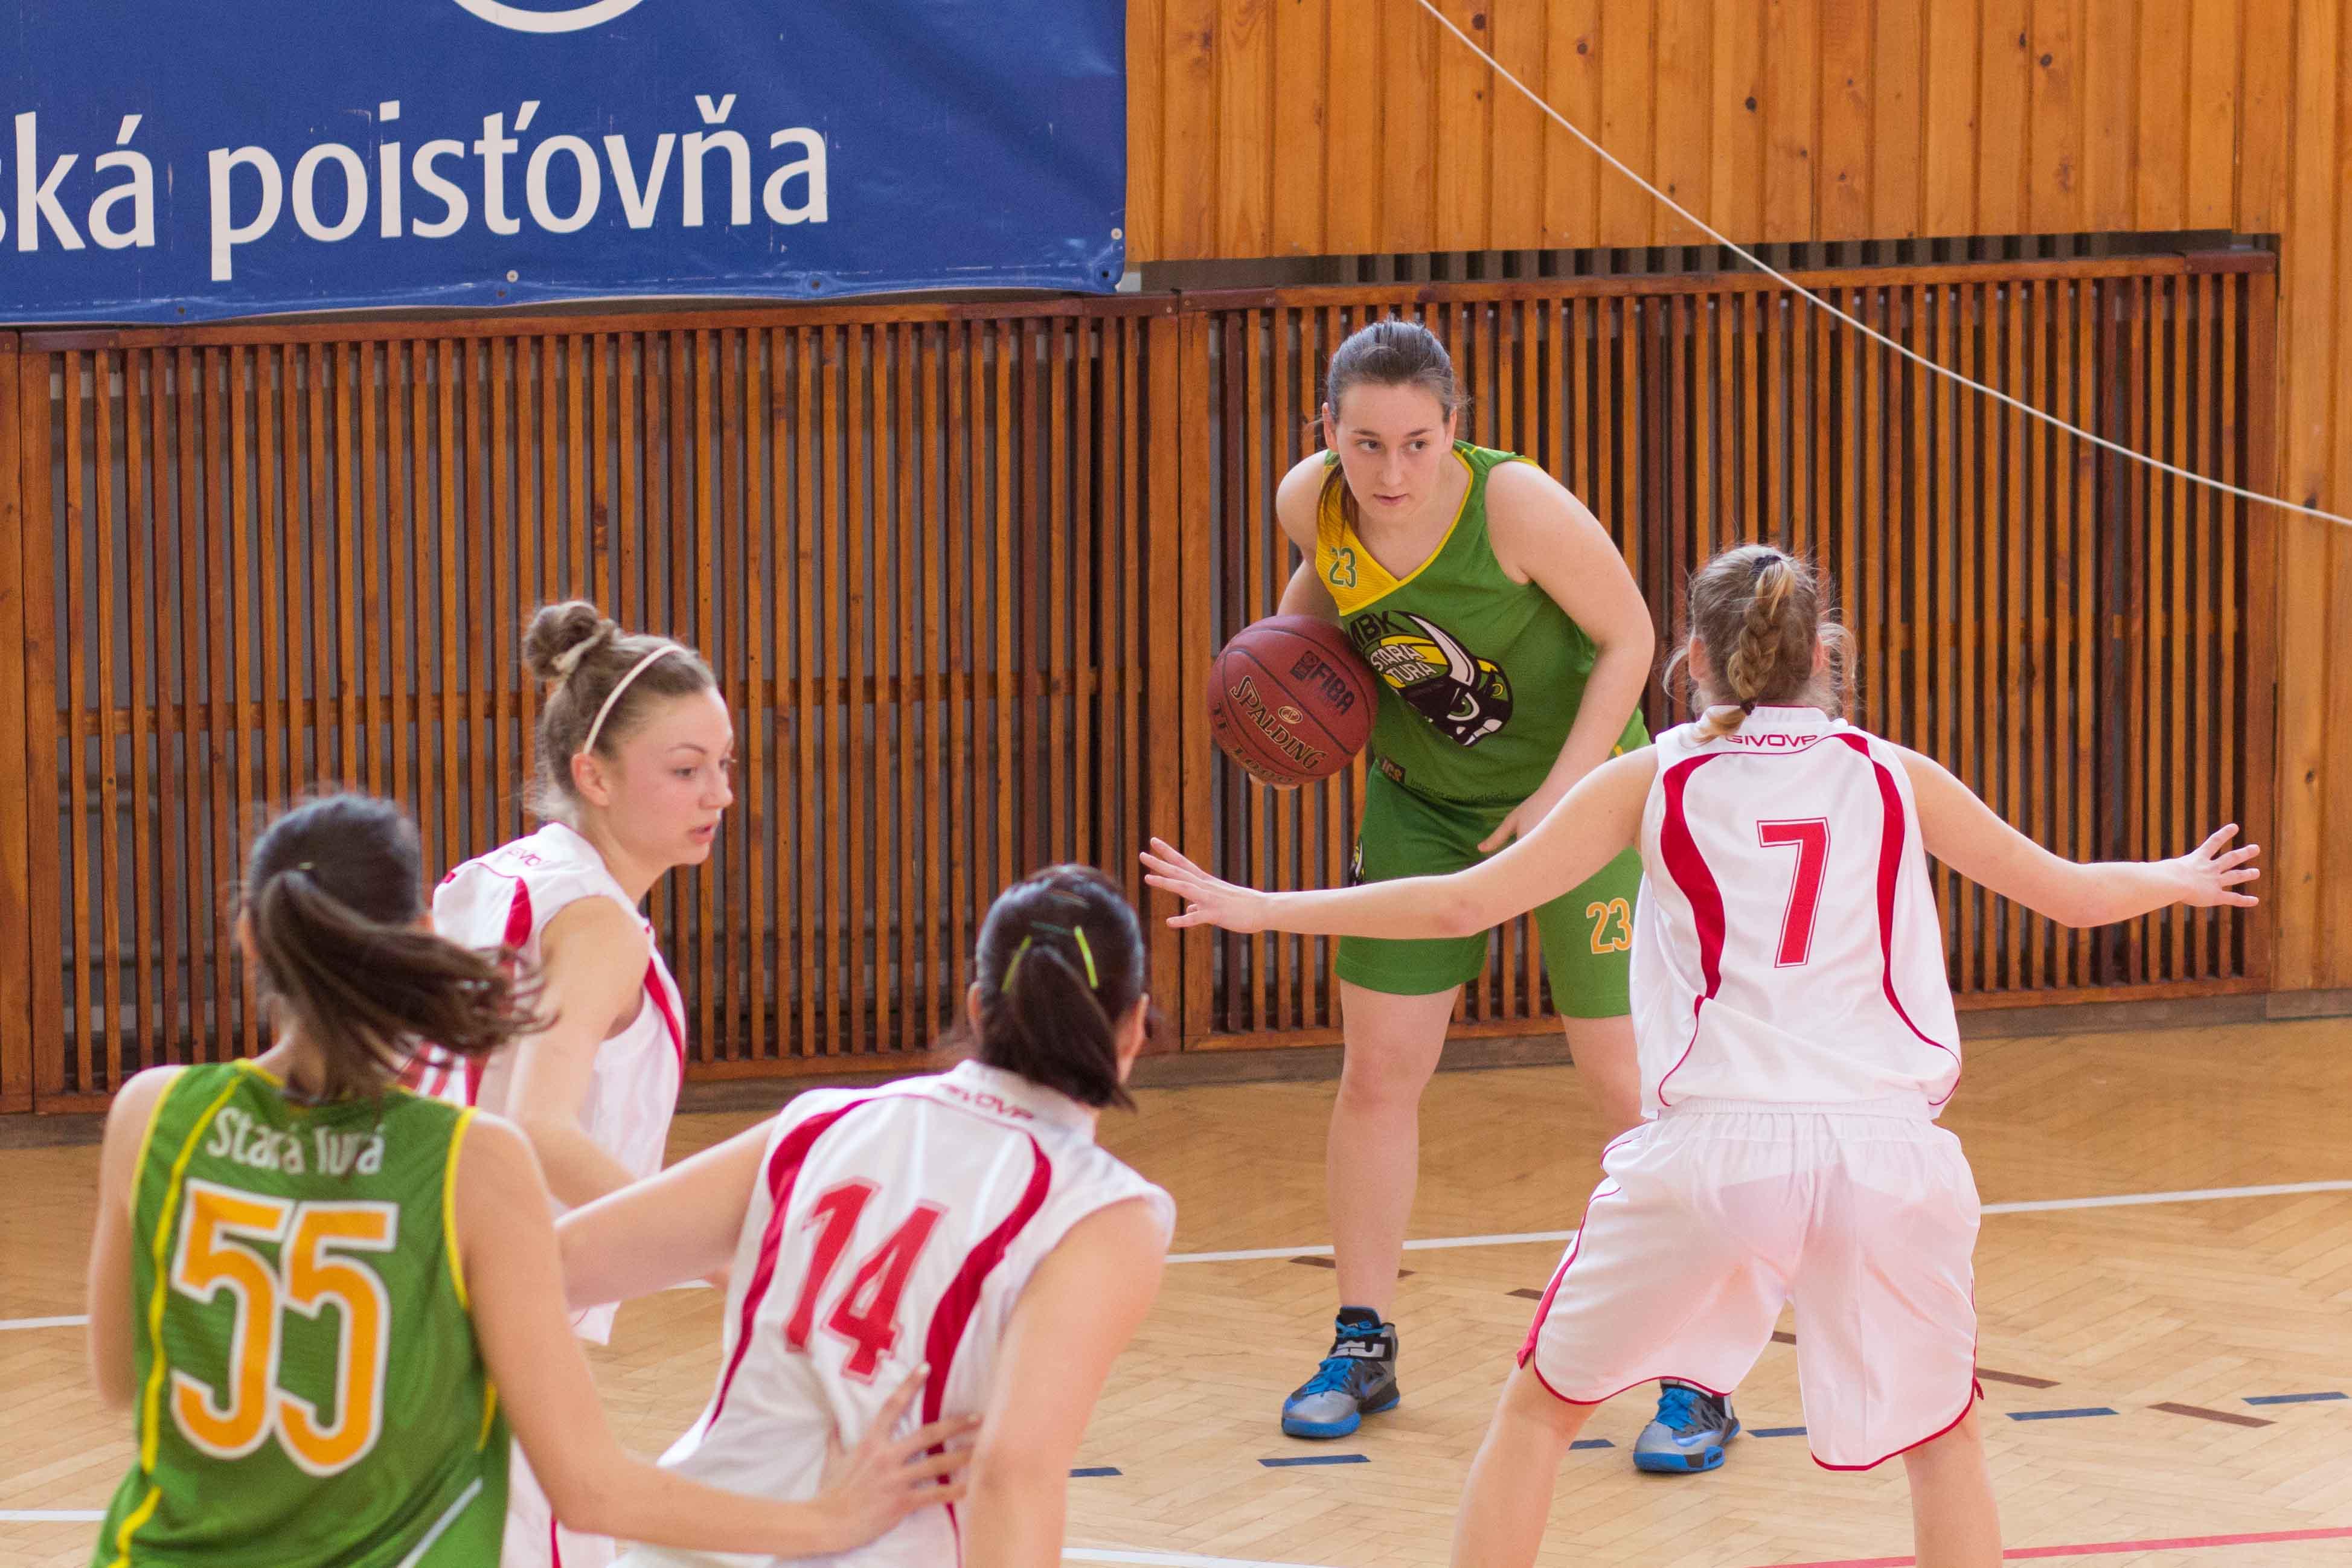 bk-zs-zvolen-mbk-stara-tura-2013-zeny-basketbal-9